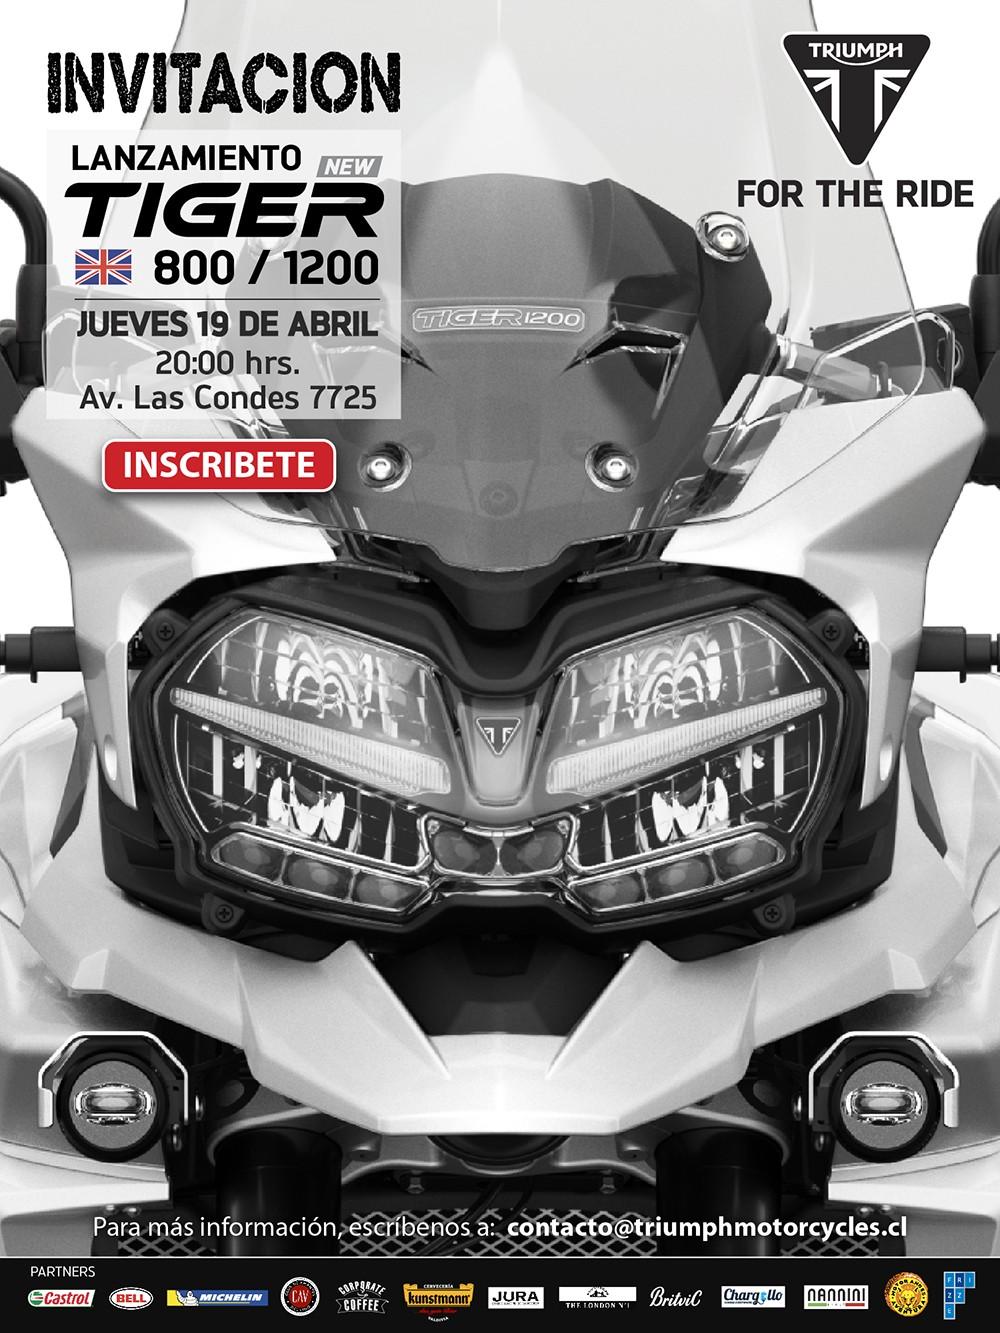 Lanzamiento en Chile de las nuevas Tiger 800 y Tiger 1200